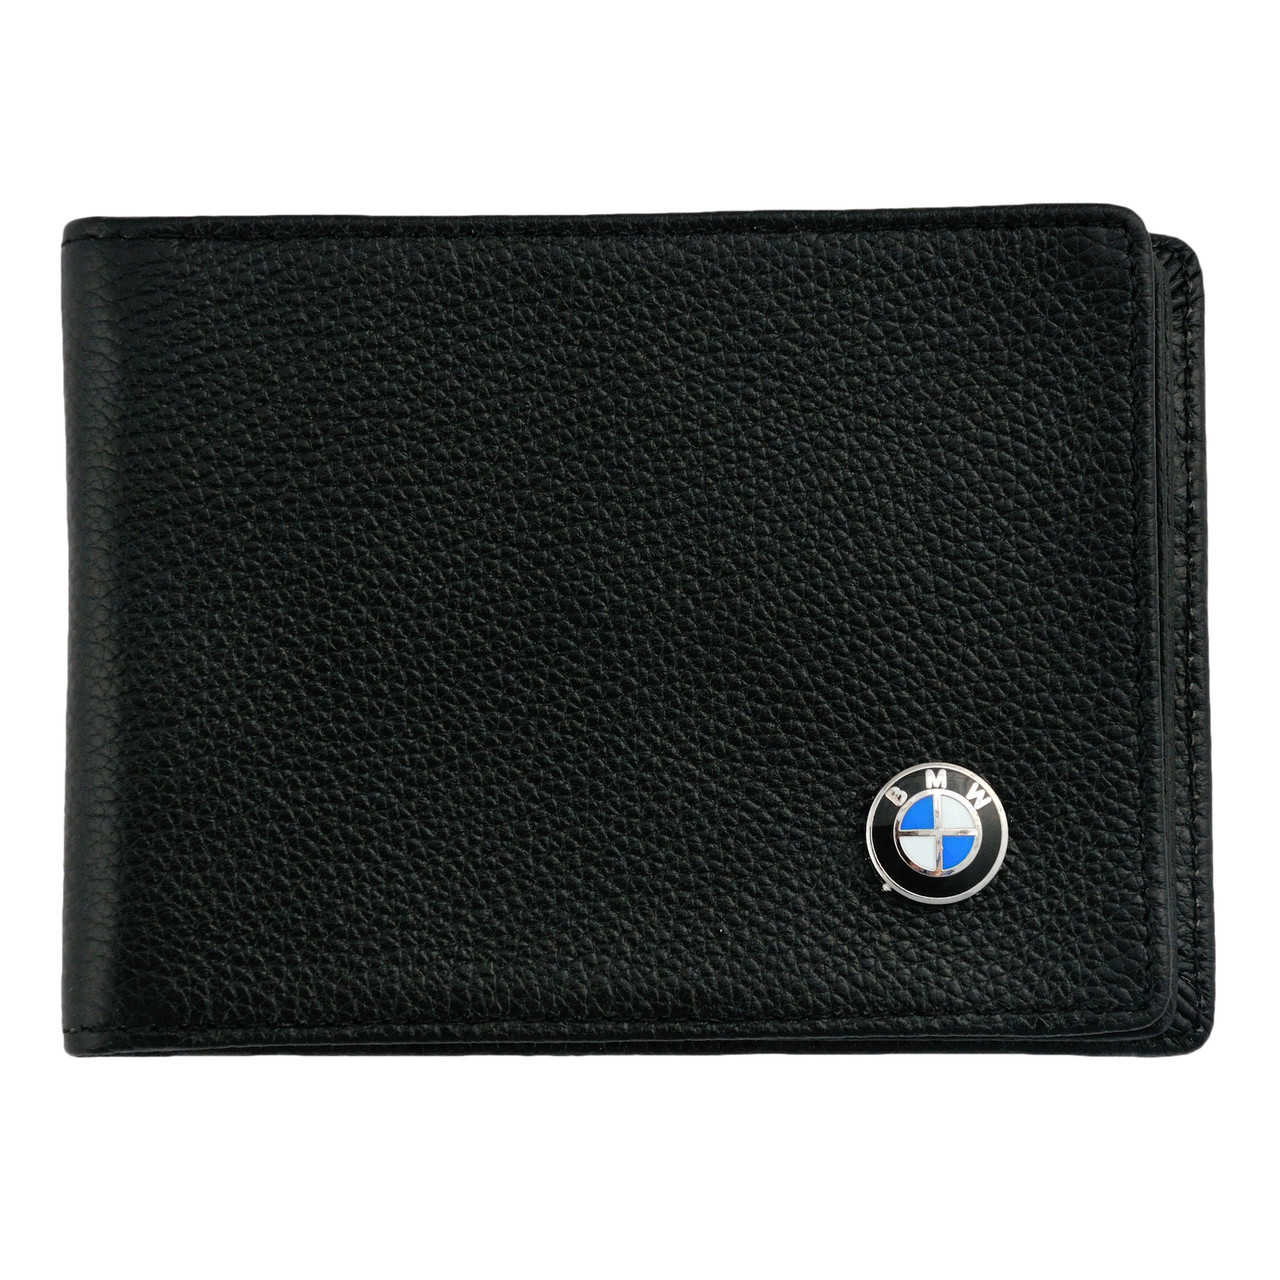 Кожаный бумажник двойного сложения с эмблемой BMW